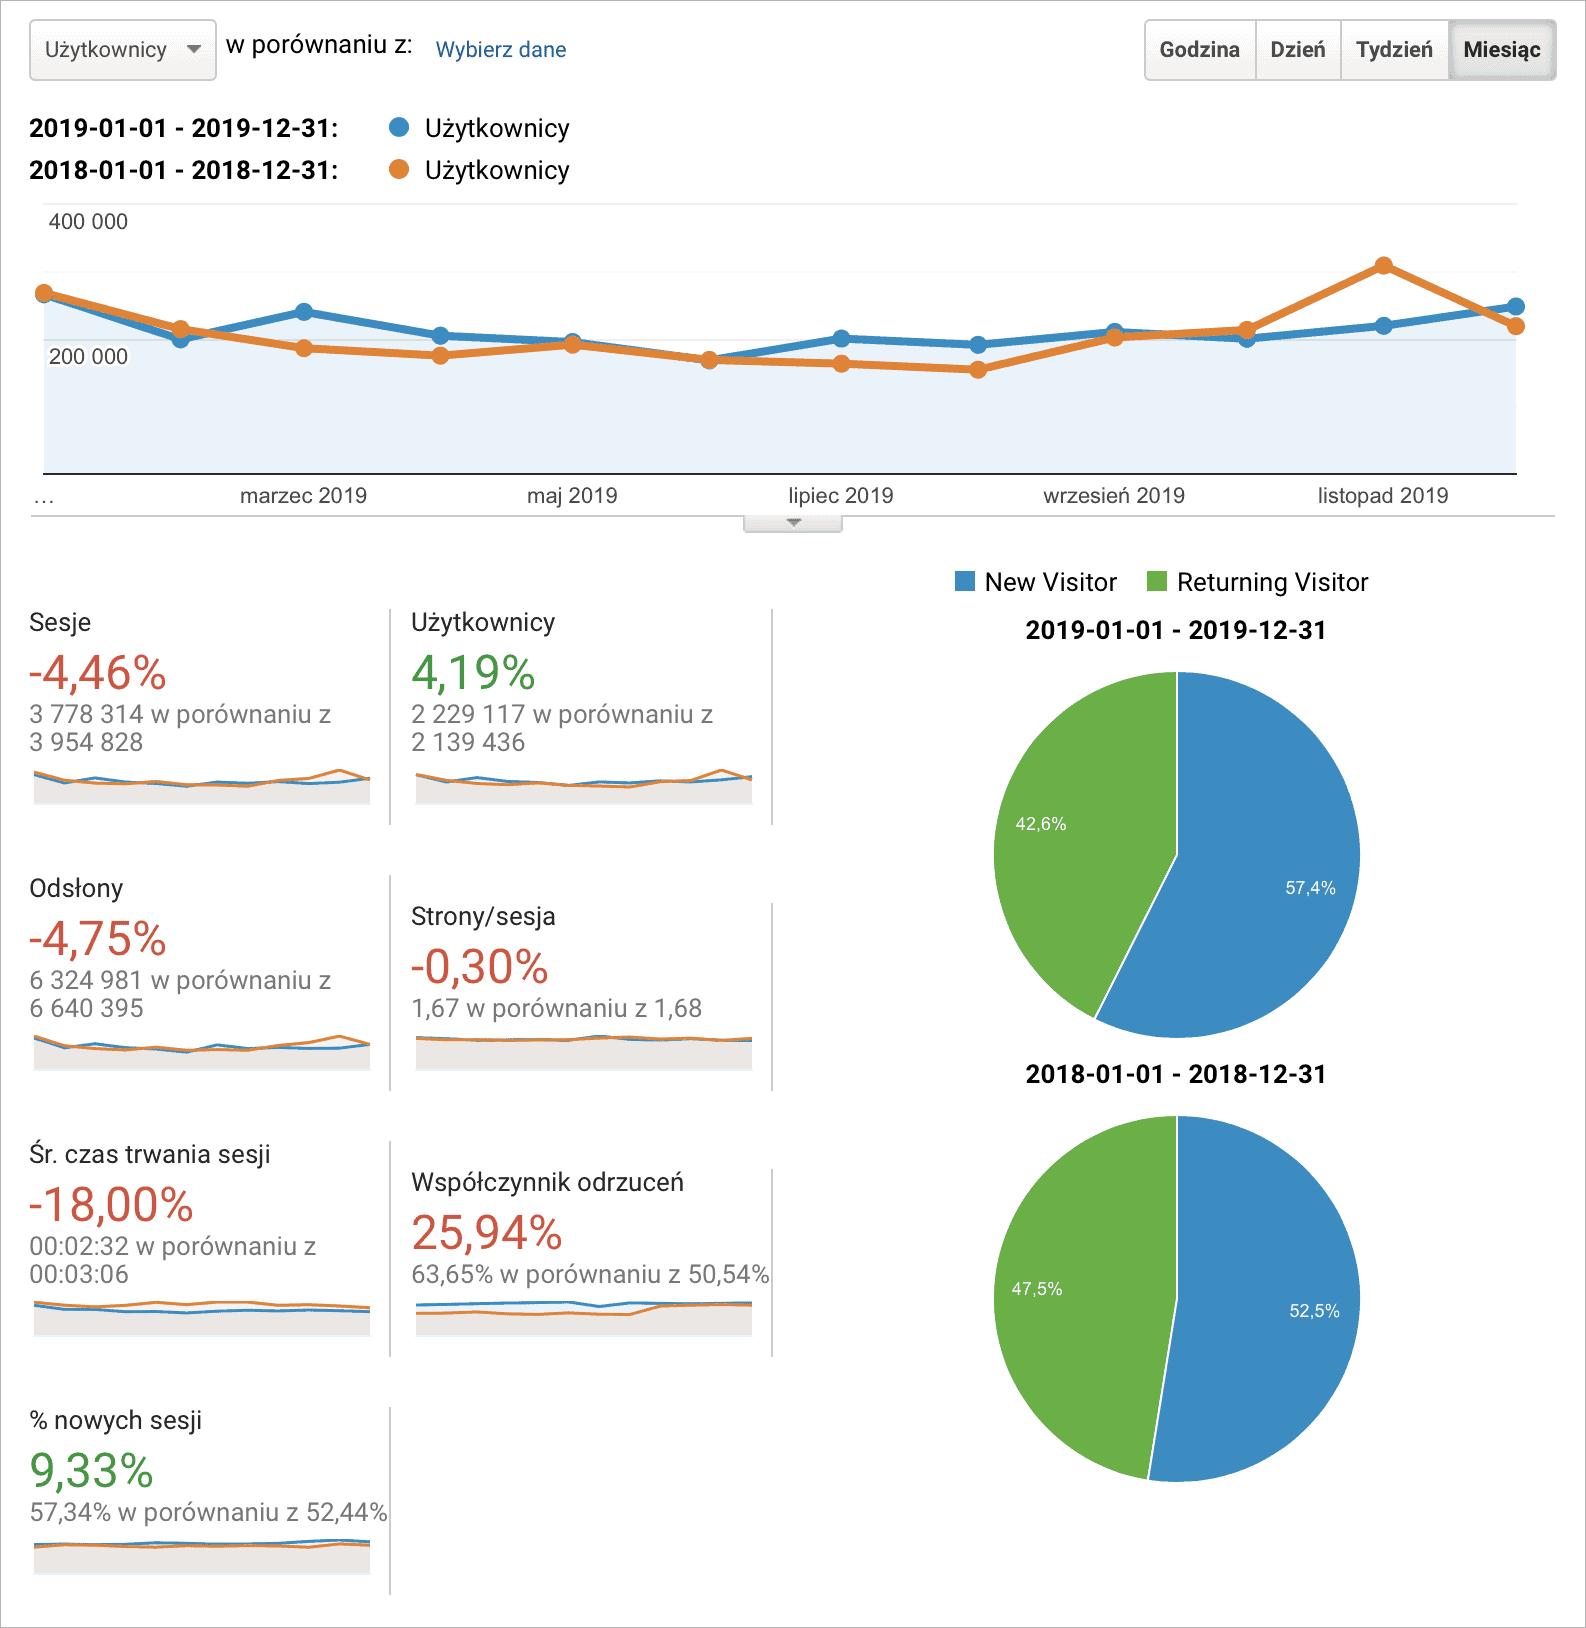 Statystyki JOP 2019 vs 2018